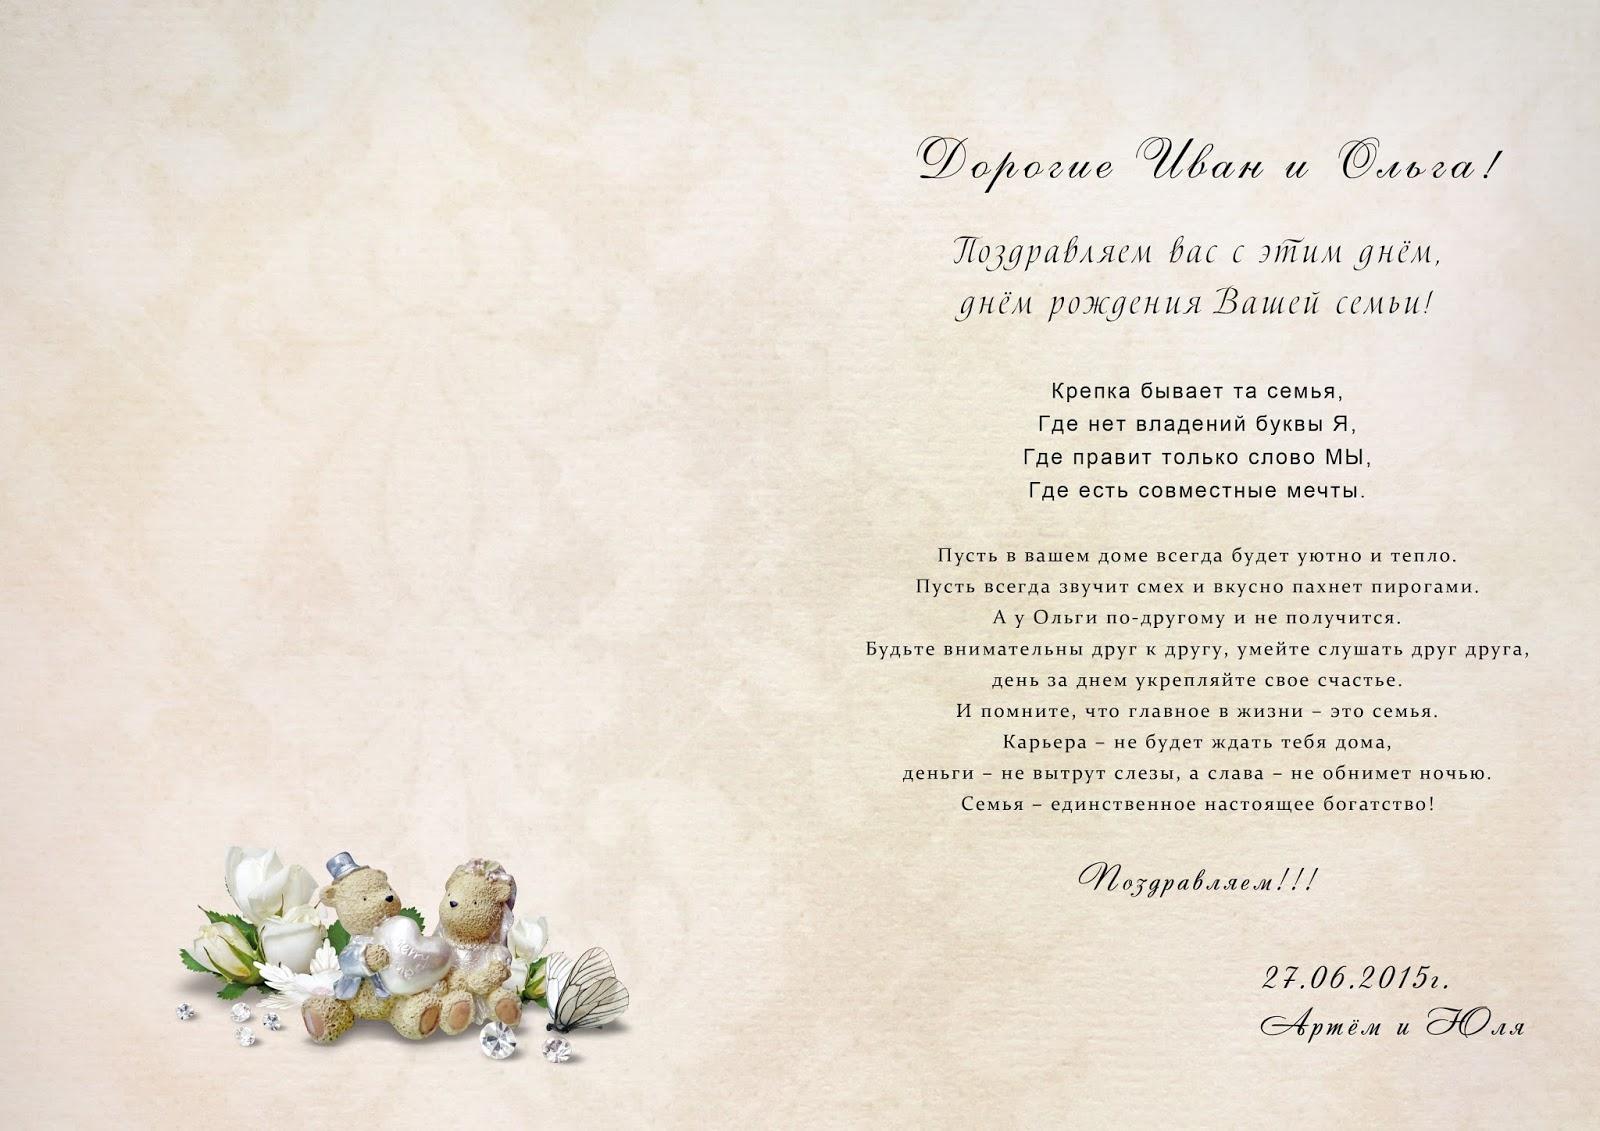 Подписать открытку от коллектива с днем свадьбы, открытки днем рождения